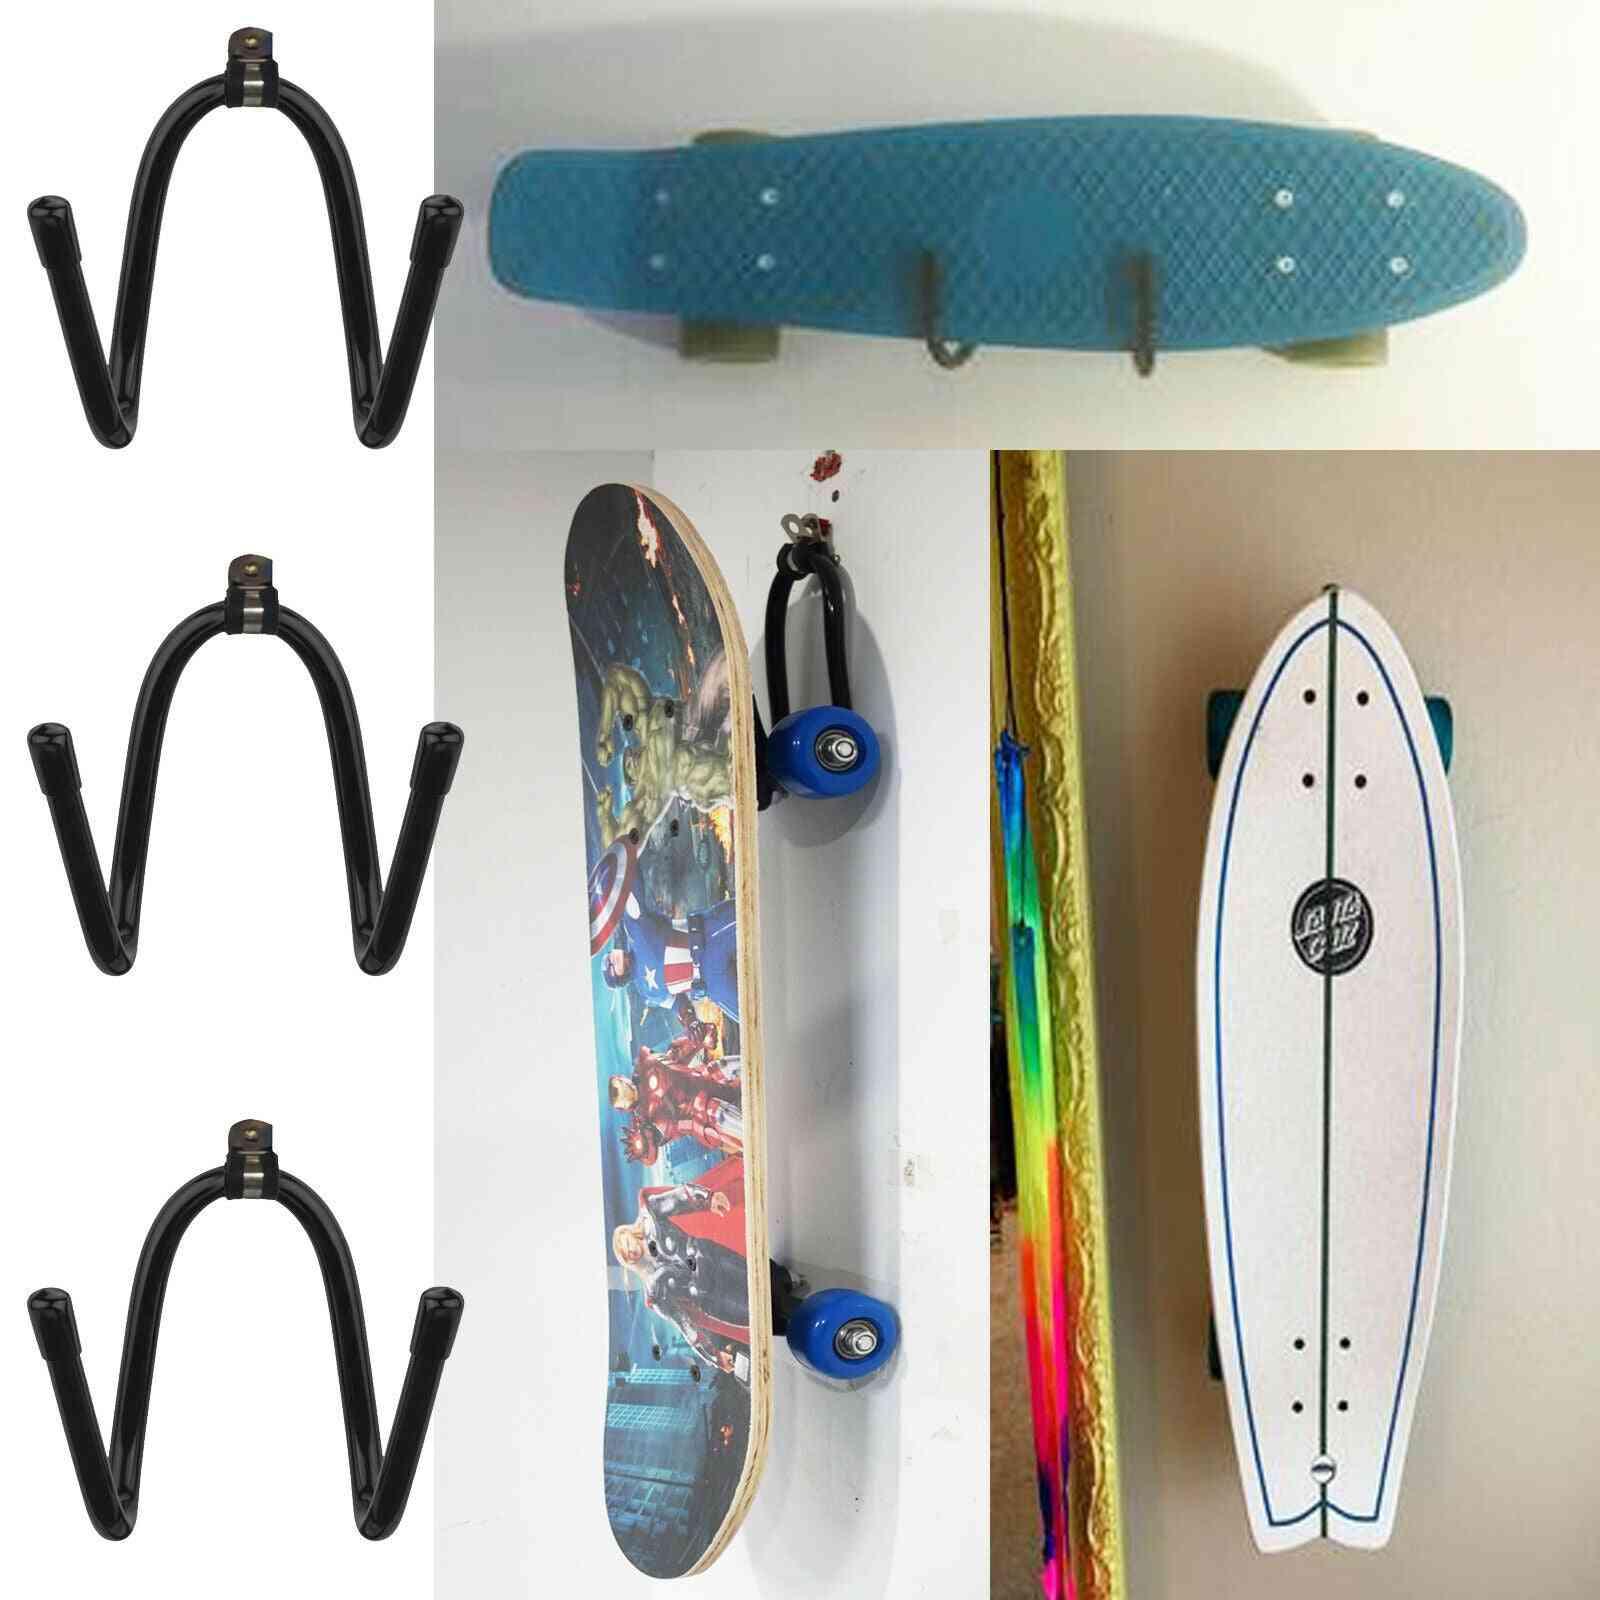 Skateboard & Scooter Wall Hanger Rack, Mount Decks, Longboard Display